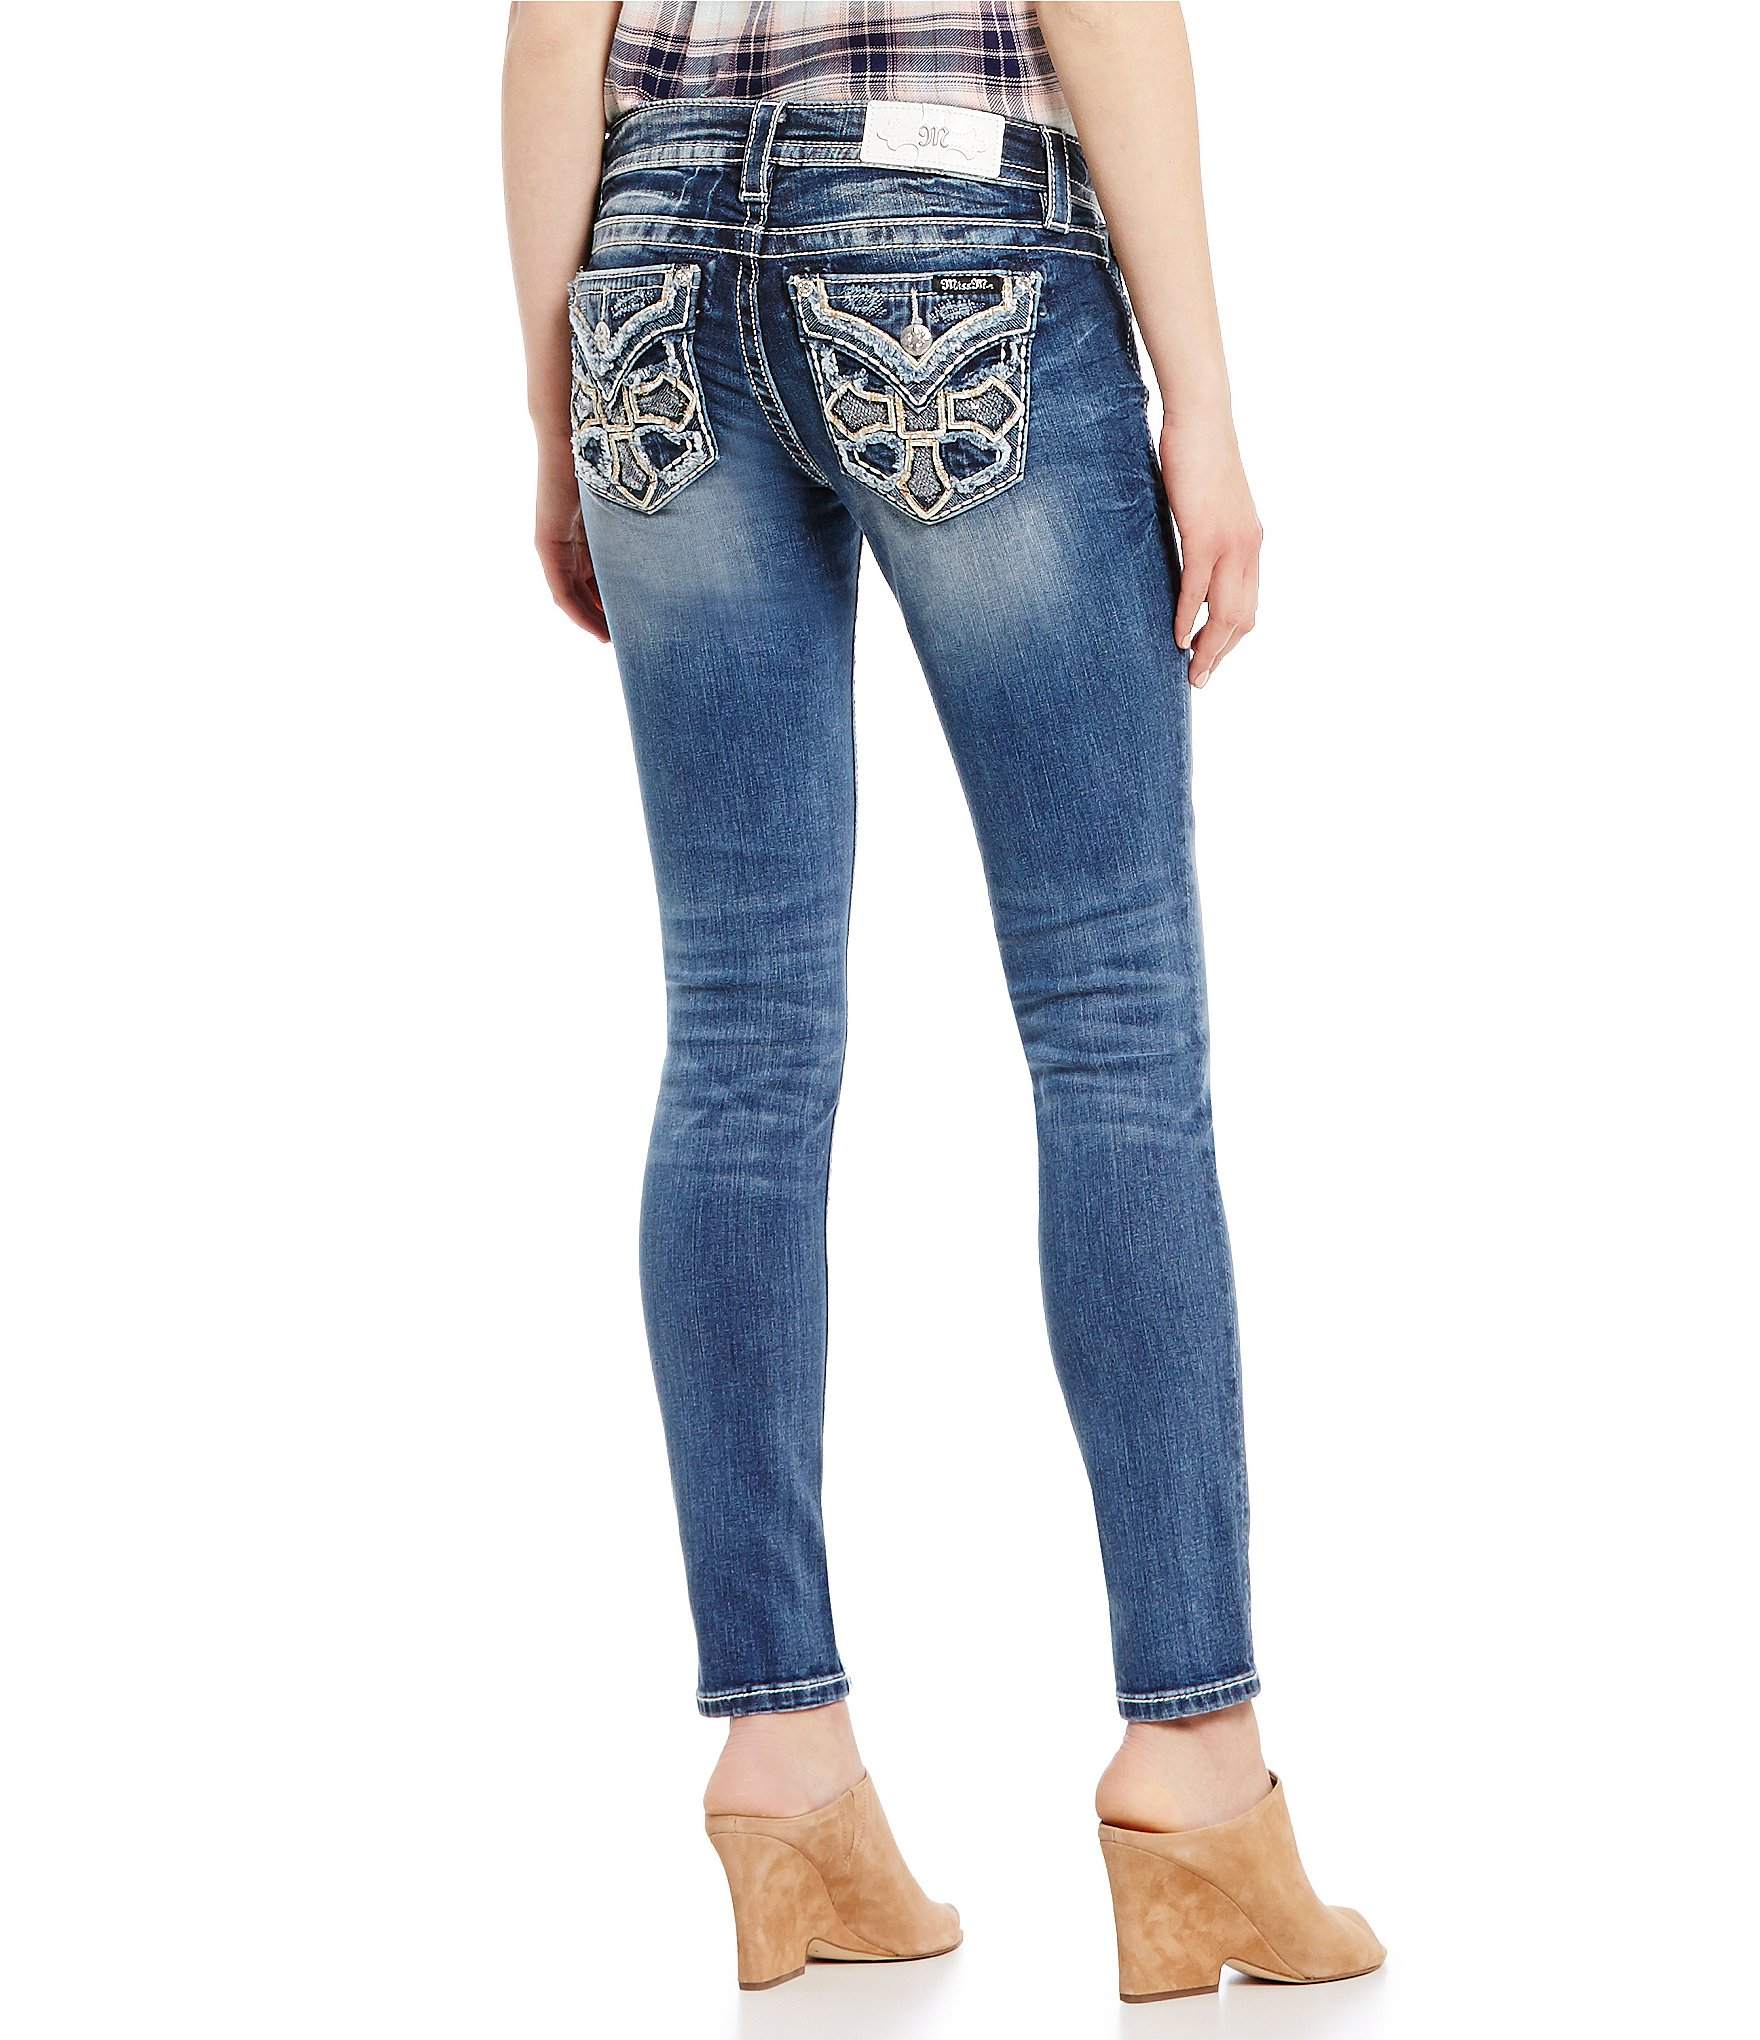 Miss Me Vintage Embellished Cross Pocket Woven Stretch Skinny Jeans | Dillards